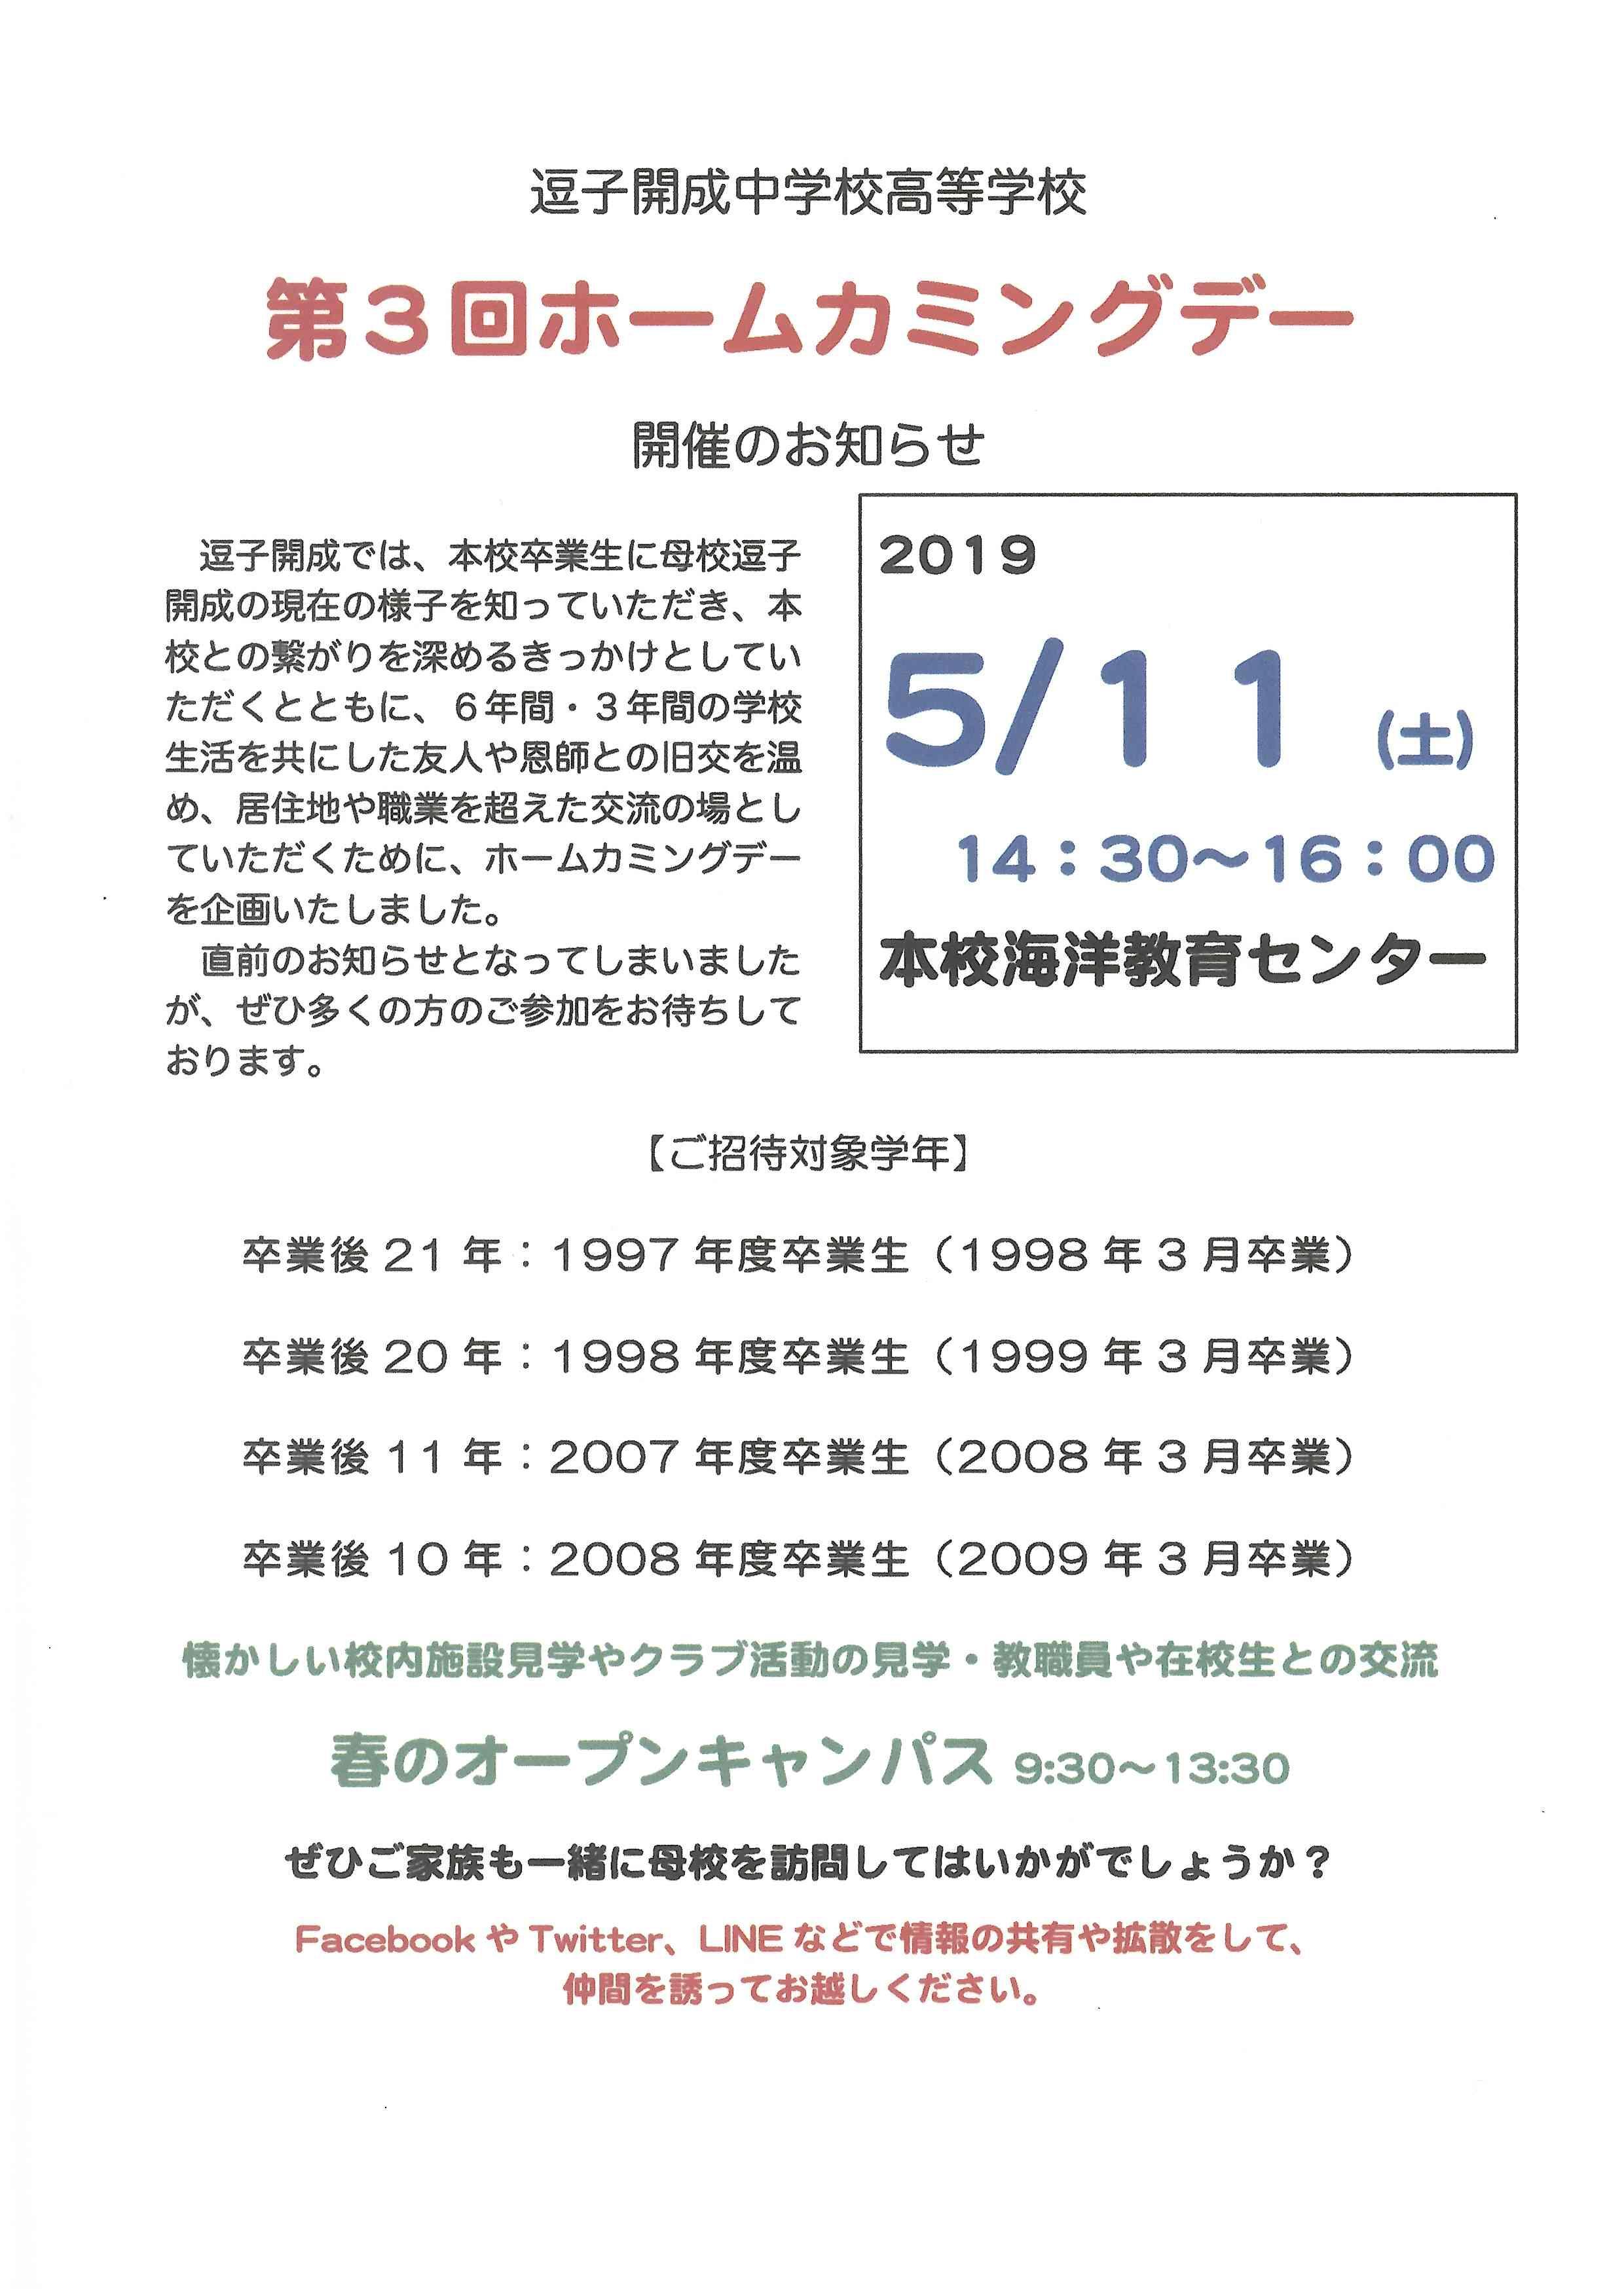 http://www.zushi-kaisei.ac.jp/news/203547-1.jpg